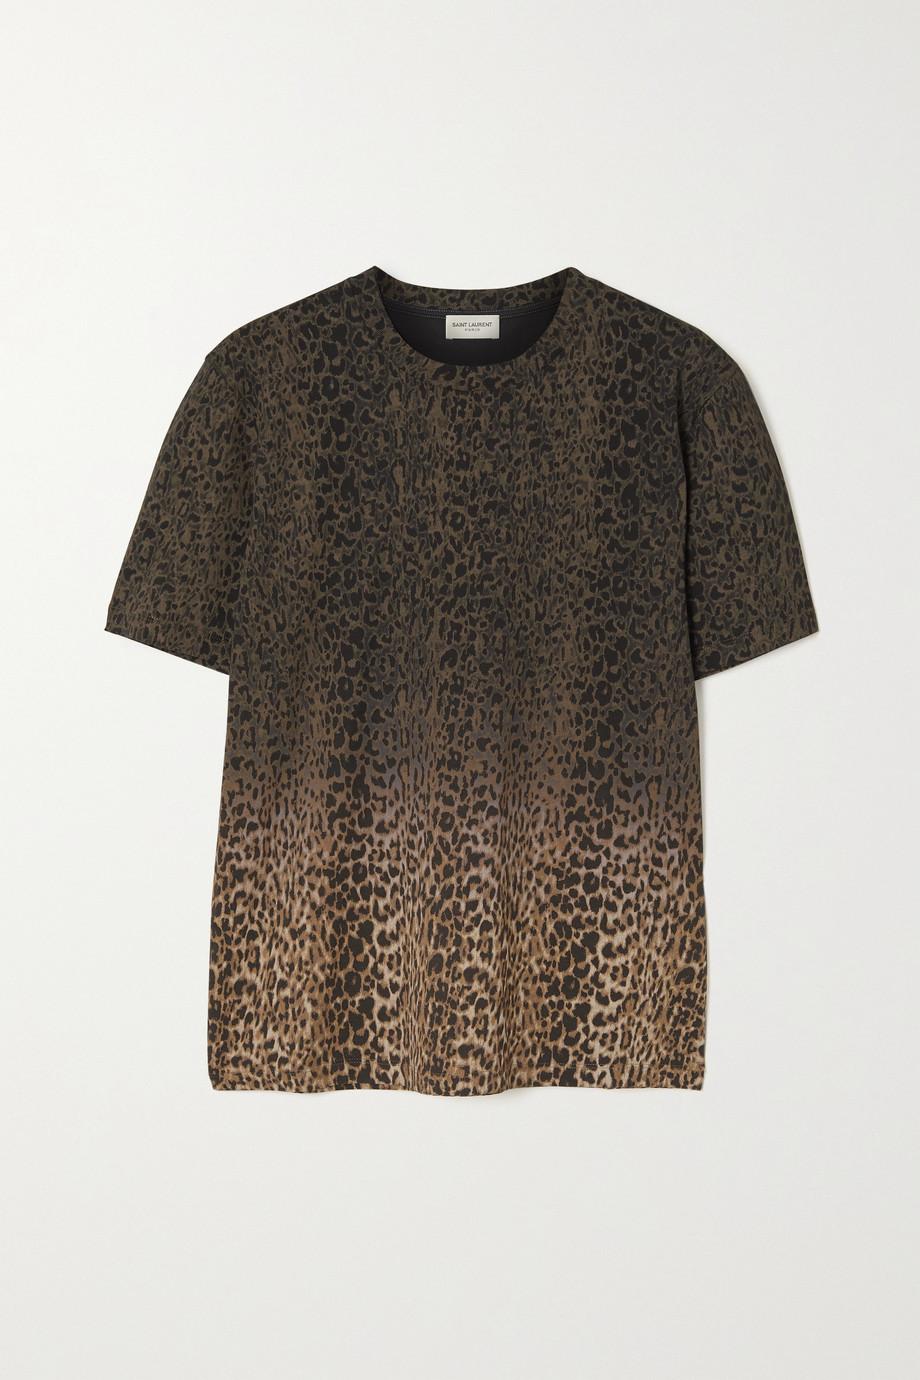 SAINT LAURENT T-shirt en jersey de coton à imprimé léopard ombré